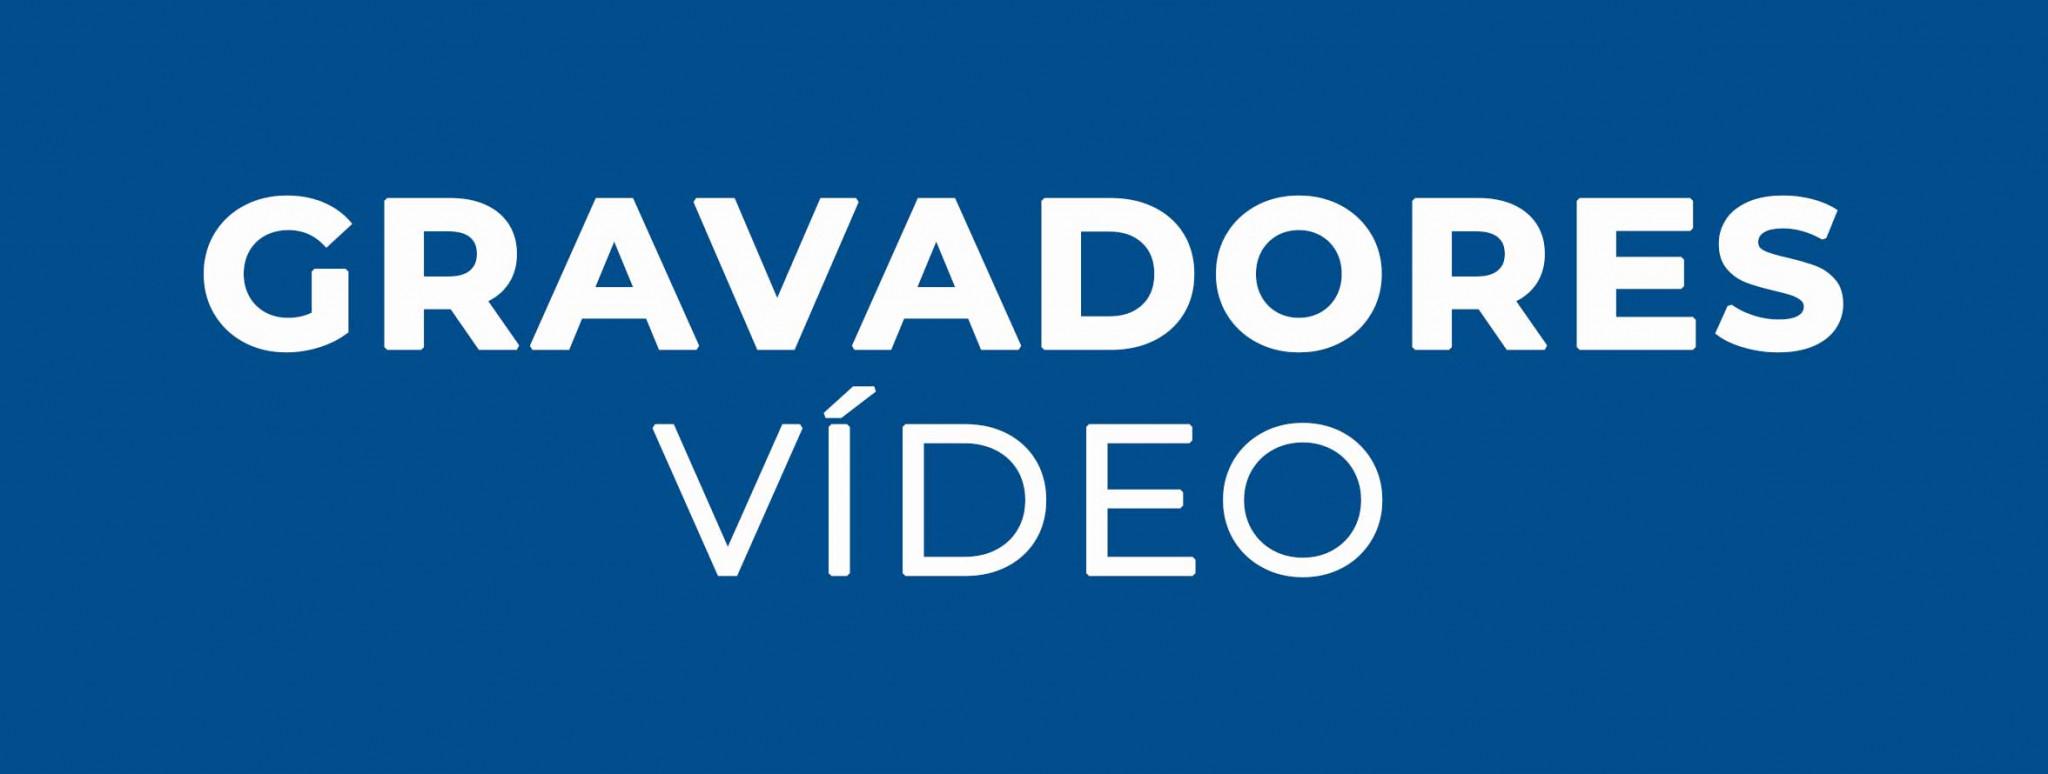 Gravadores Vídeo